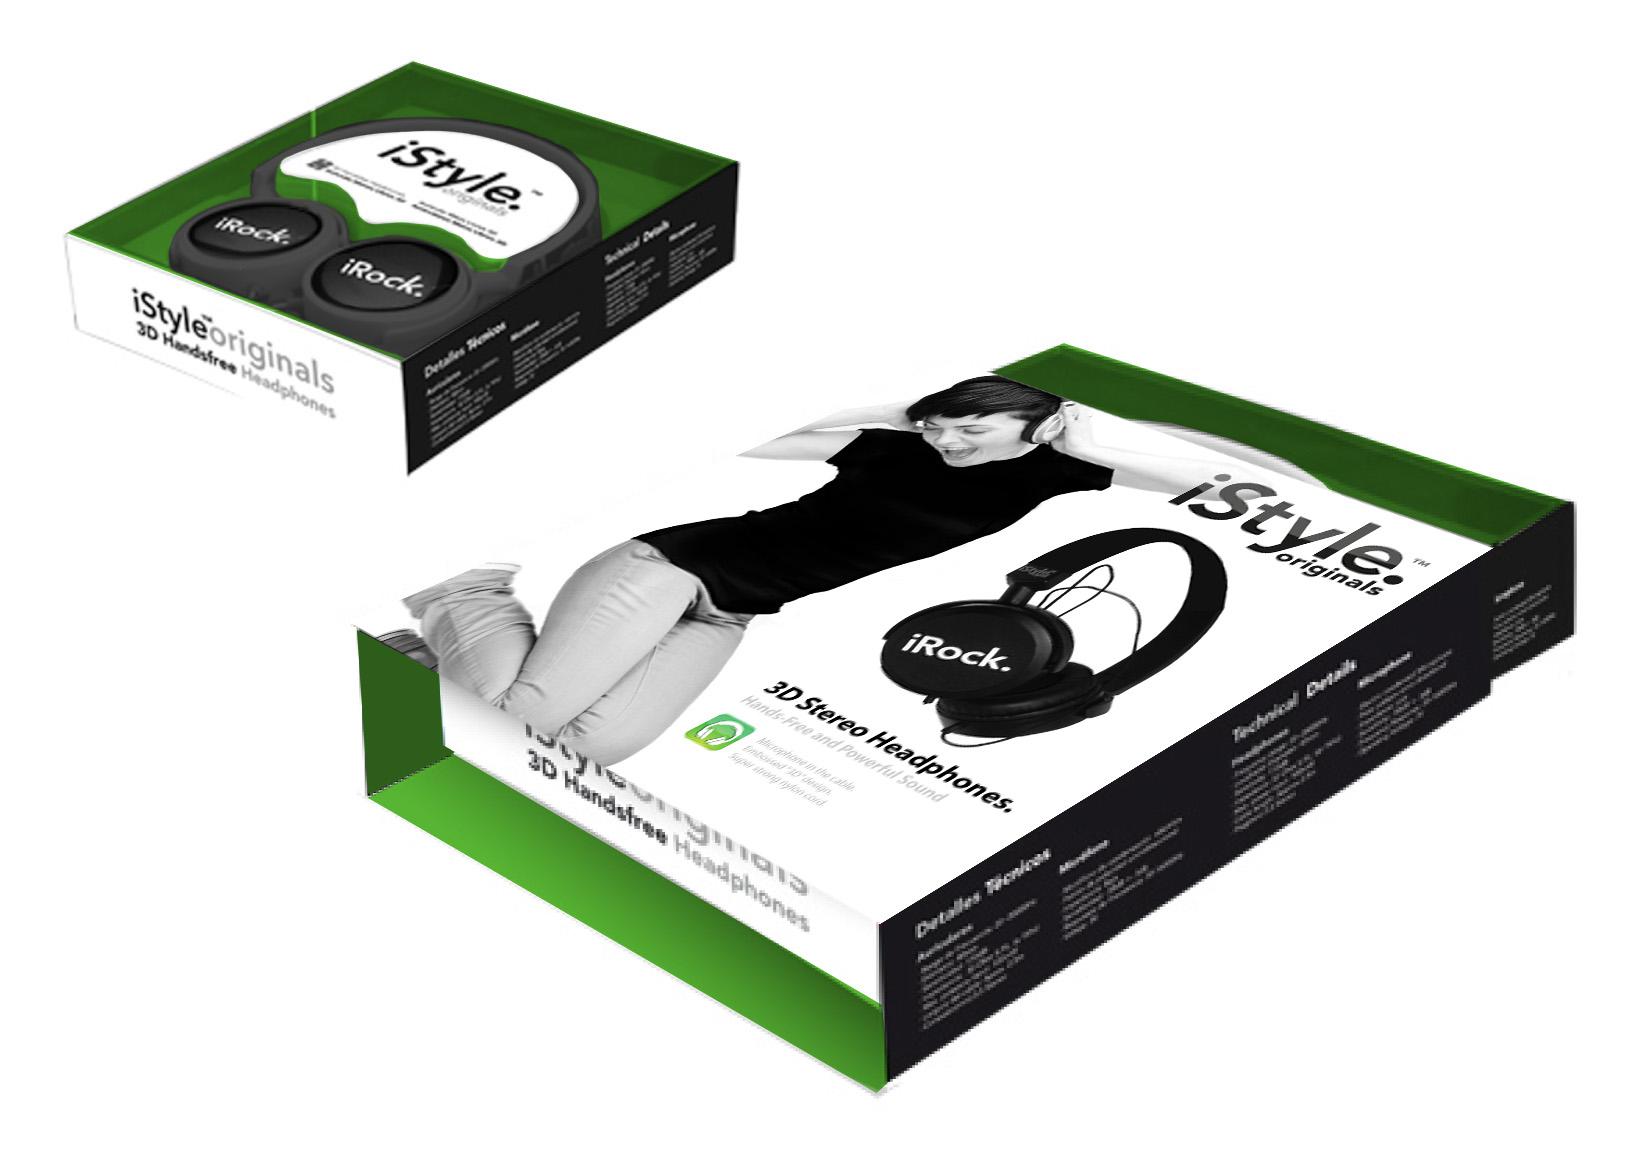 headphone_packaging.jpg